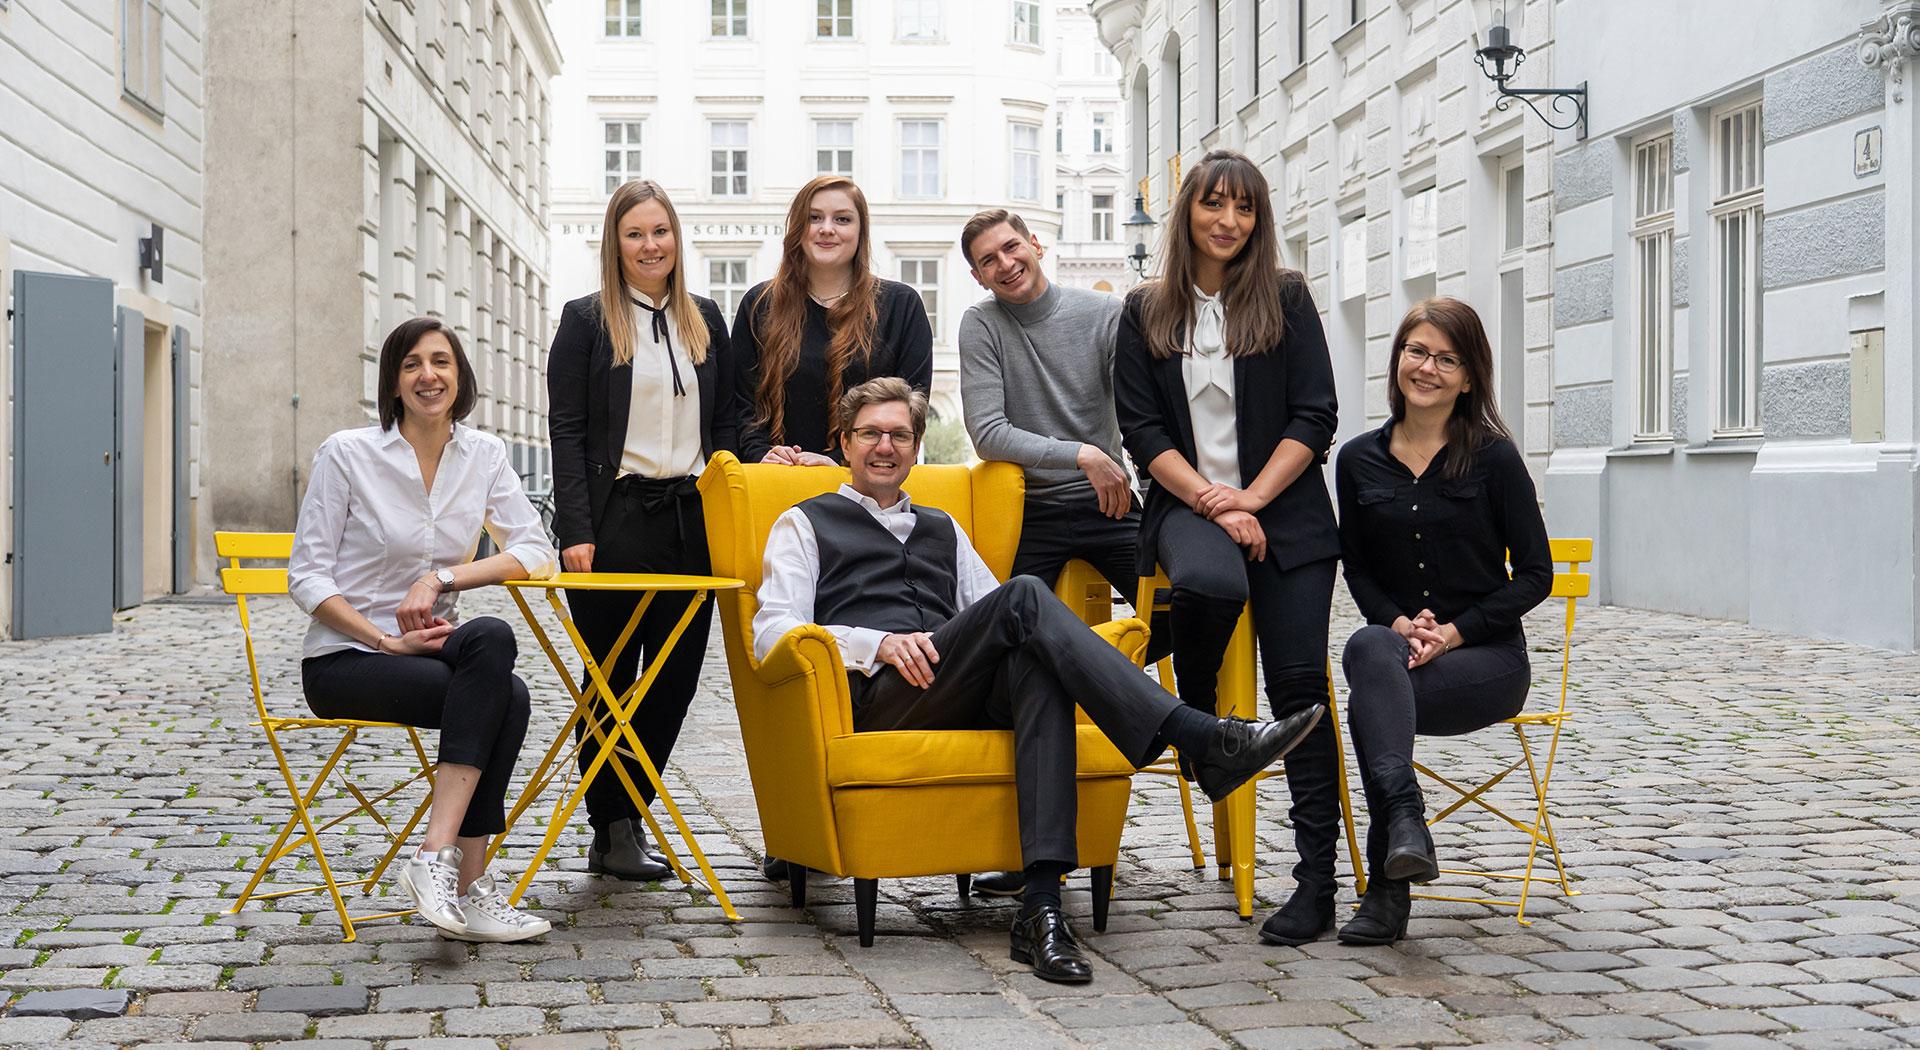 convival Immobilien Team Gruppenfoto in Wien